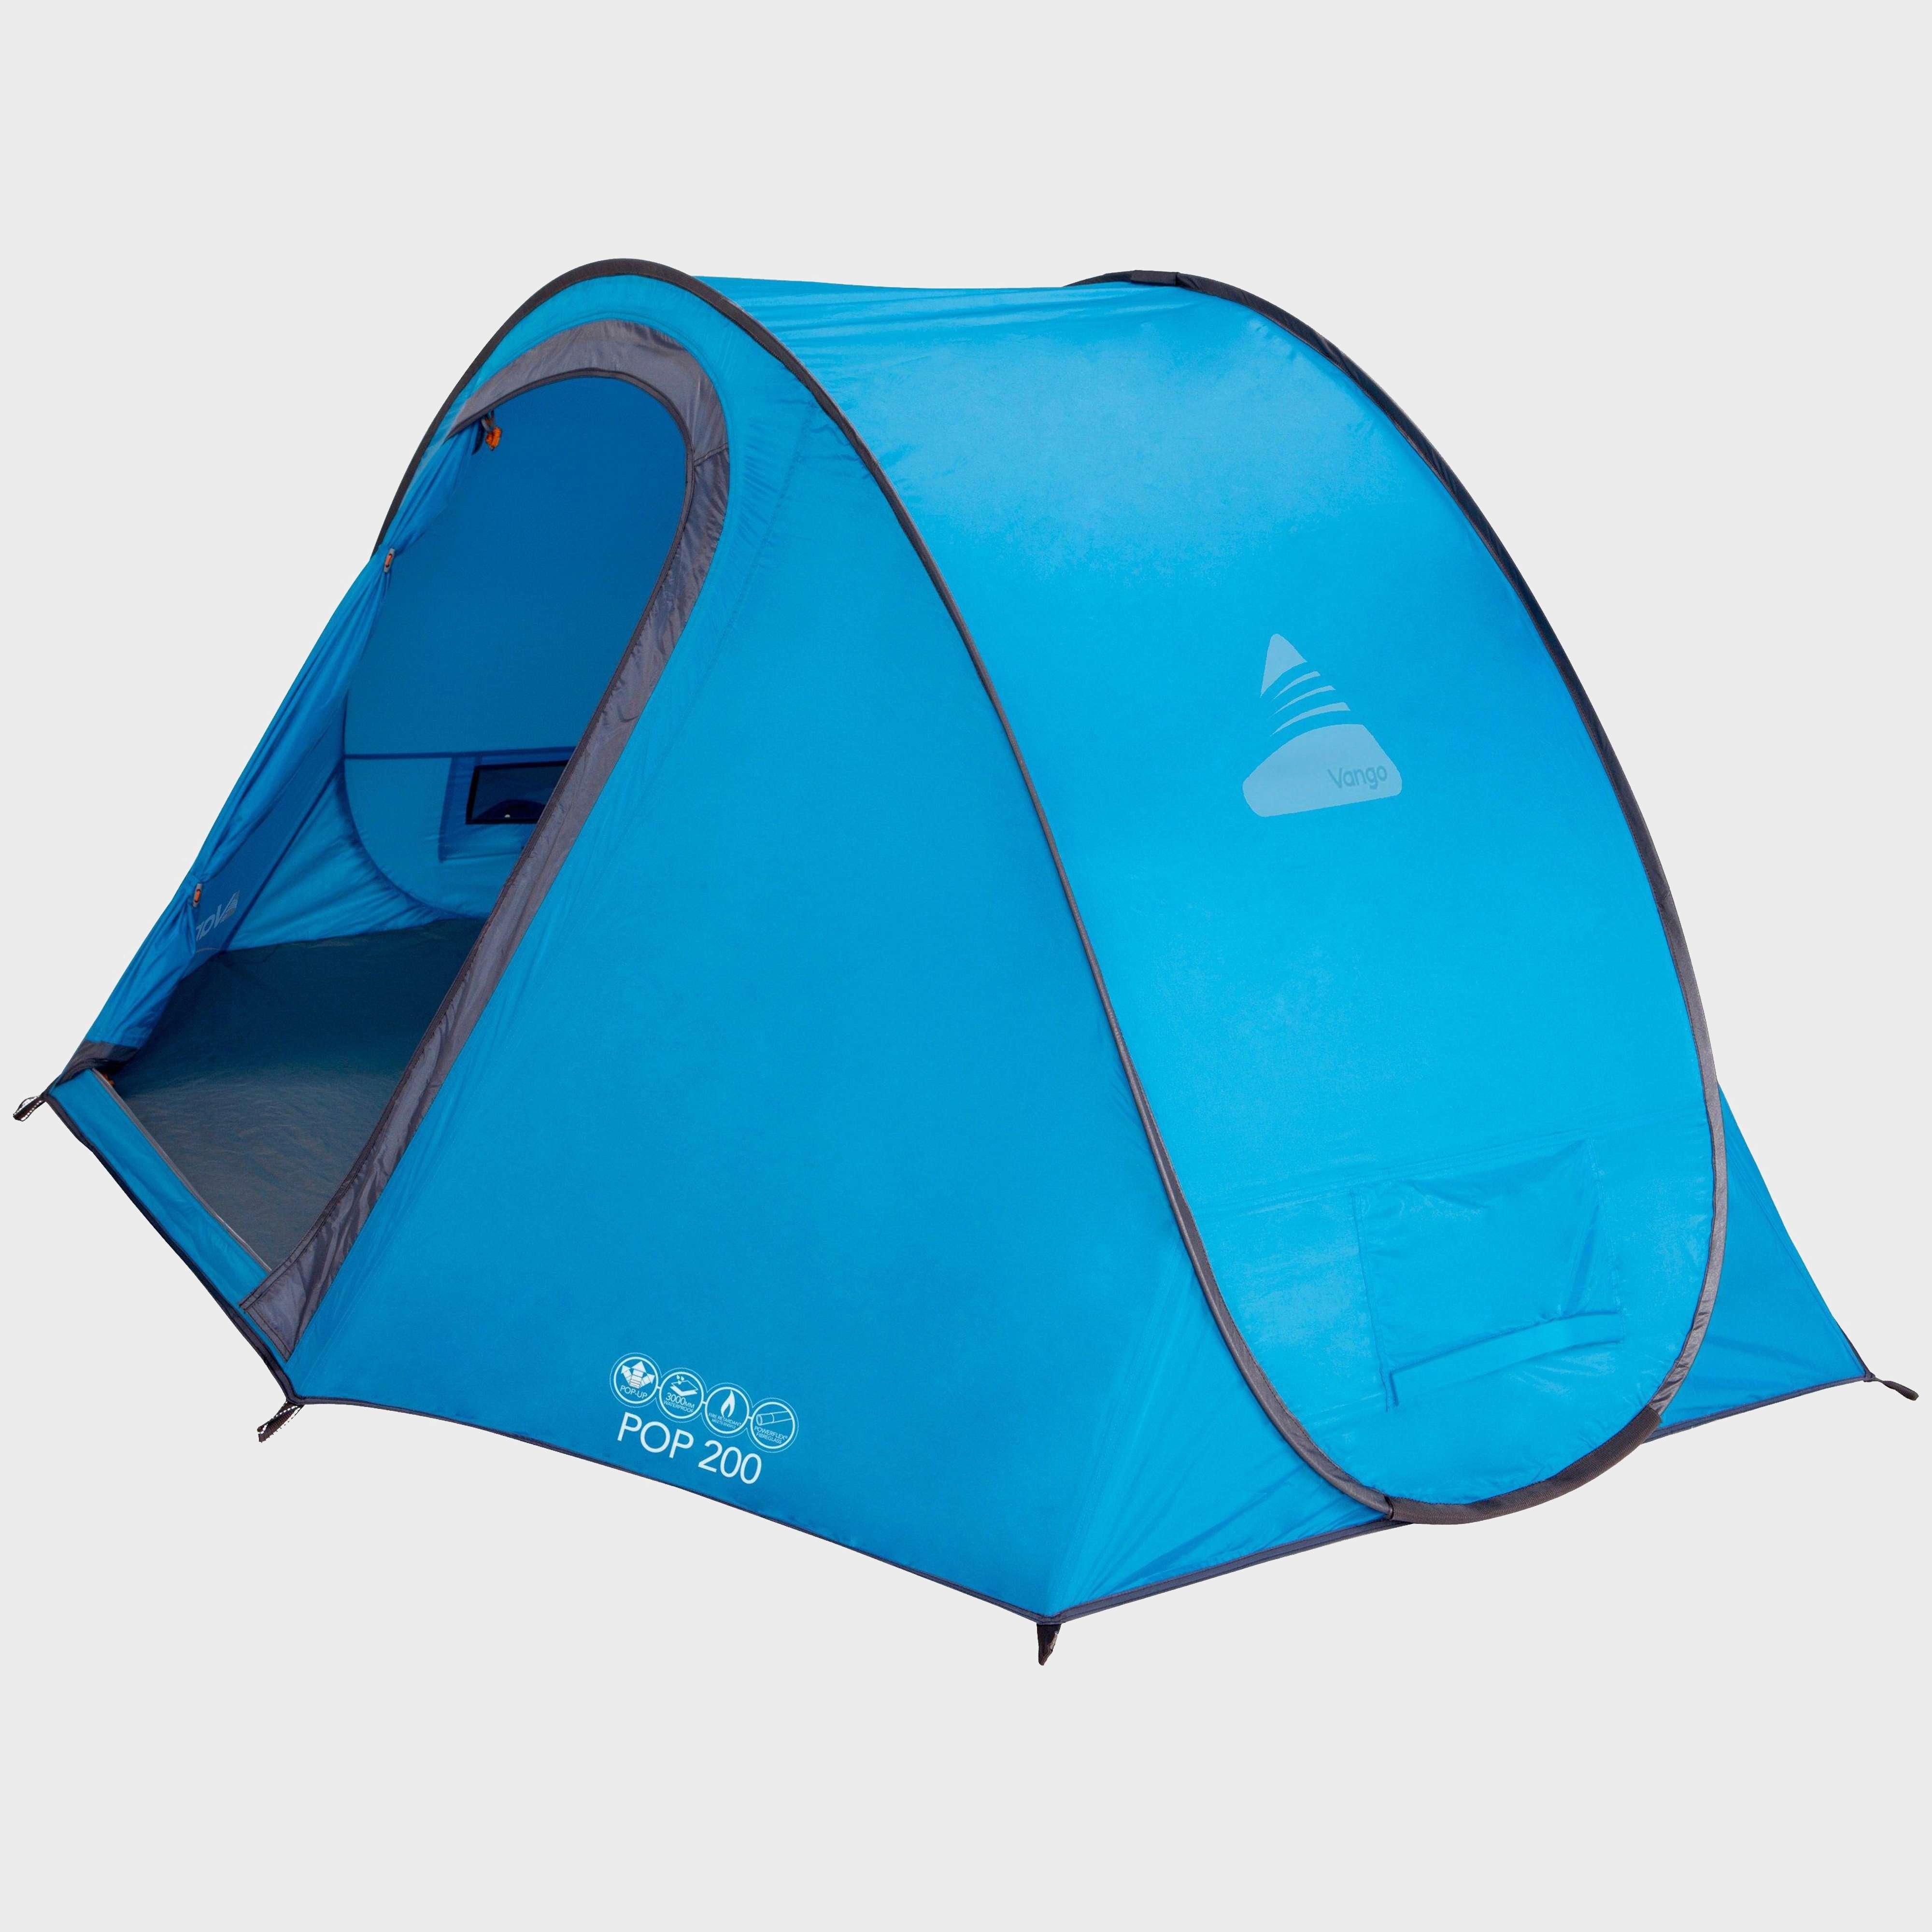 VANGO Pop 200 2 Person Tent